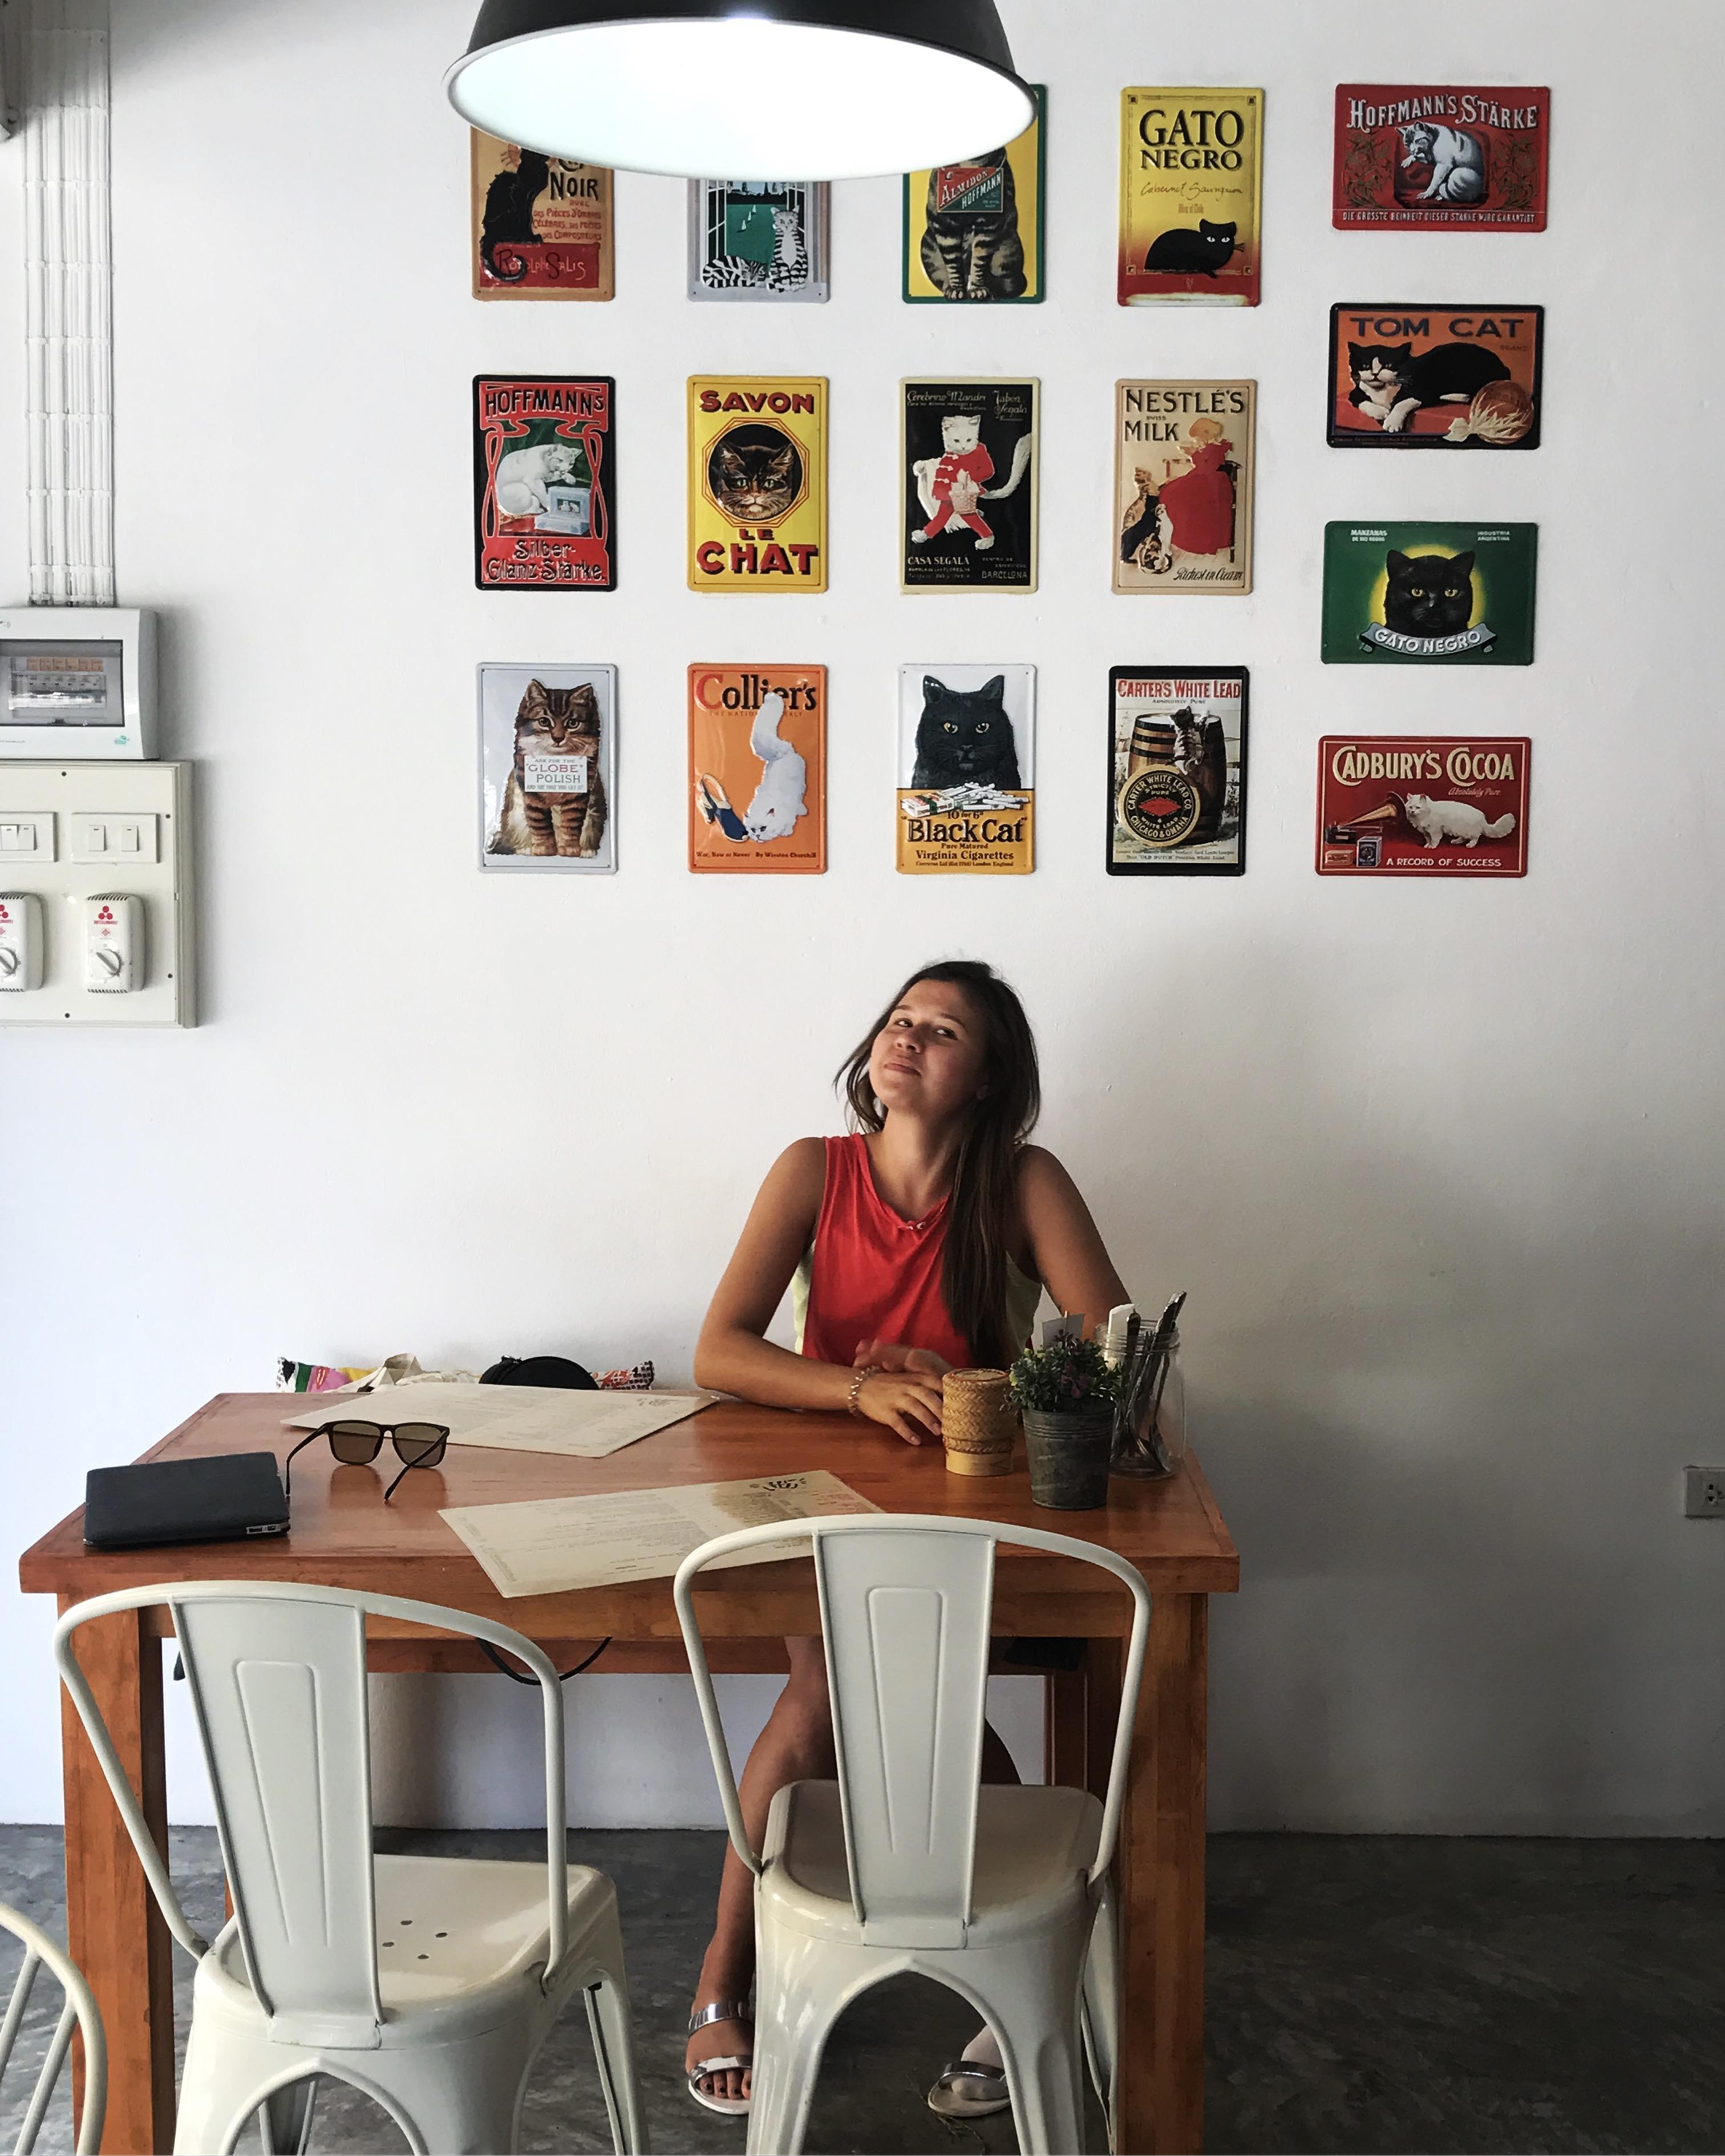 Перейти на фриланс: 9 шагов к новому режиму работы